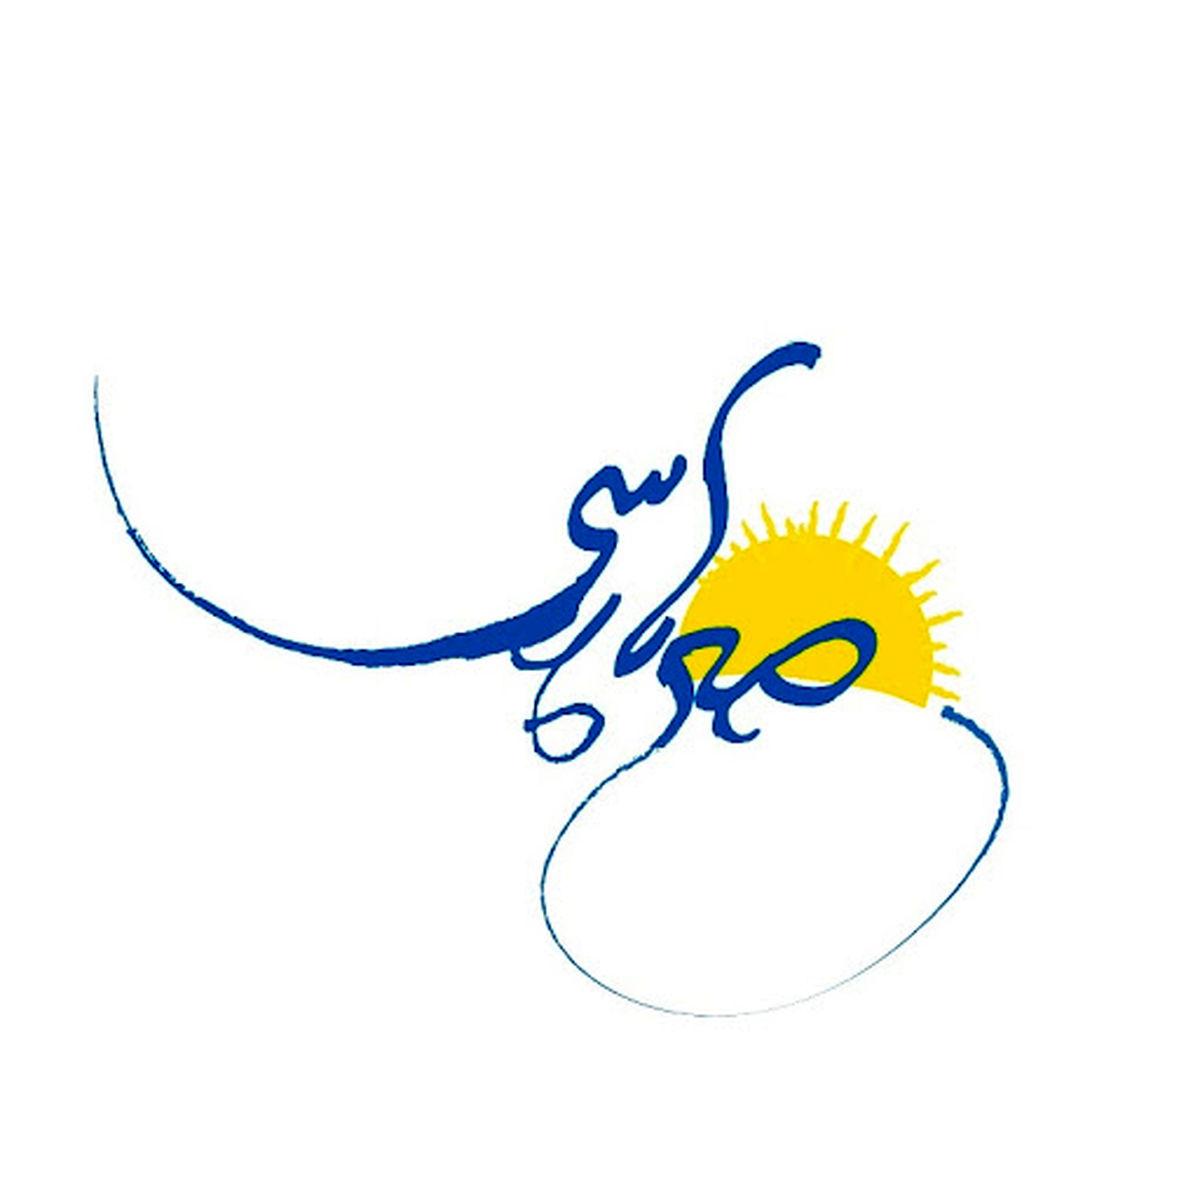 «صبح پارسی» میزبان هنرمند نقاشی خط شد